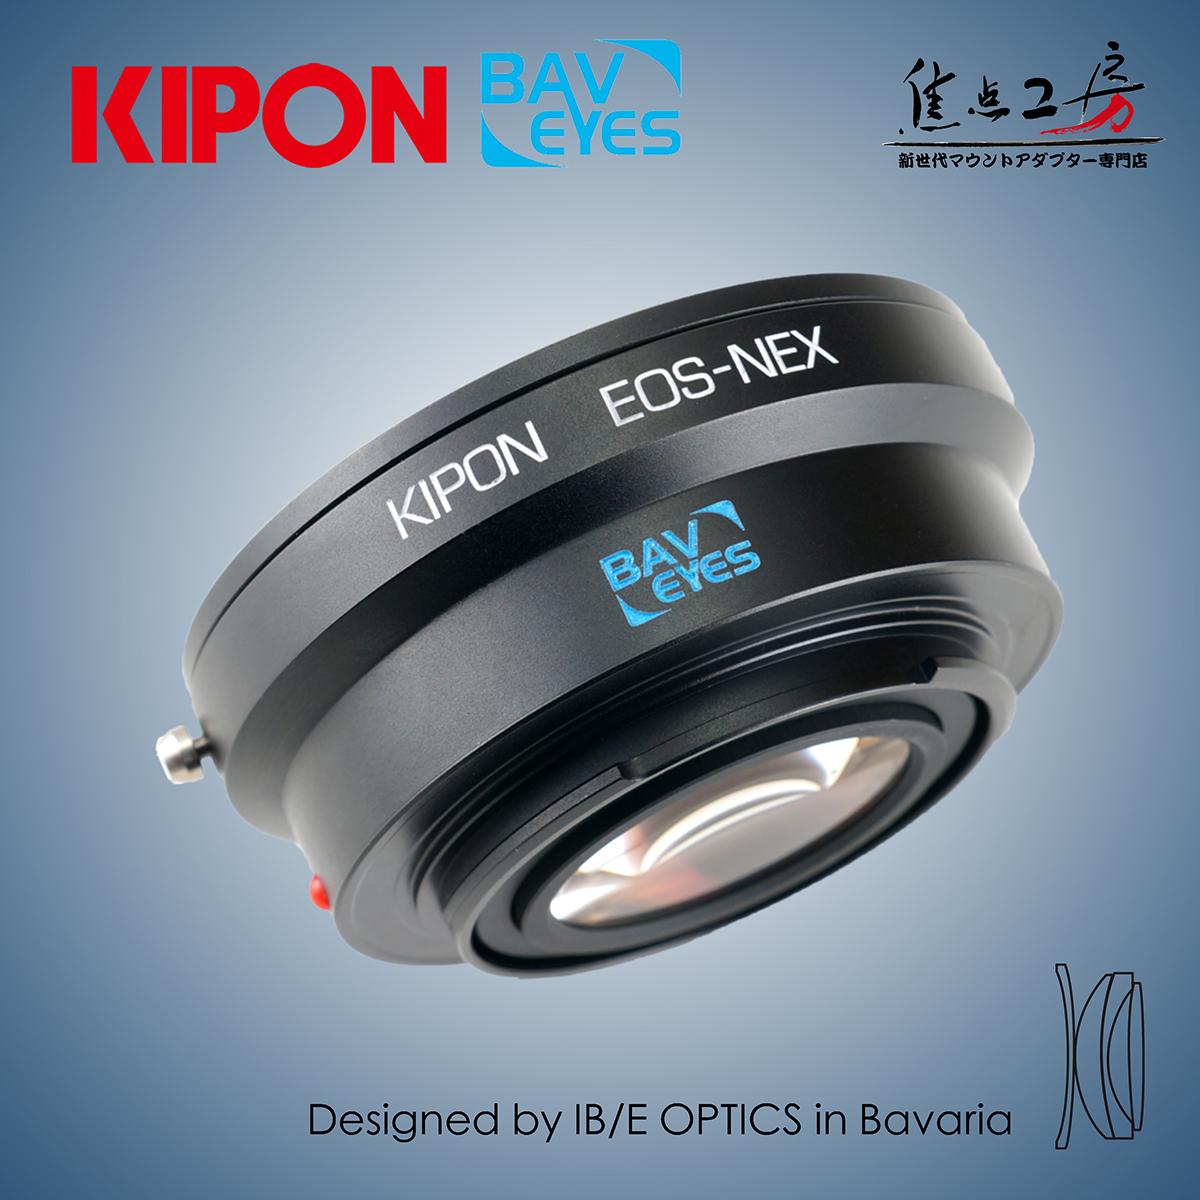 KIPON キポン BAVEYES 卸直営 バブアイズ マウントアダプター EOS-S E 日本製 EOS-NEX ソニーNEX - キヤノンEFマウントレンズ 0.7x α.Eマウント フォーカルレデューサーカメラ